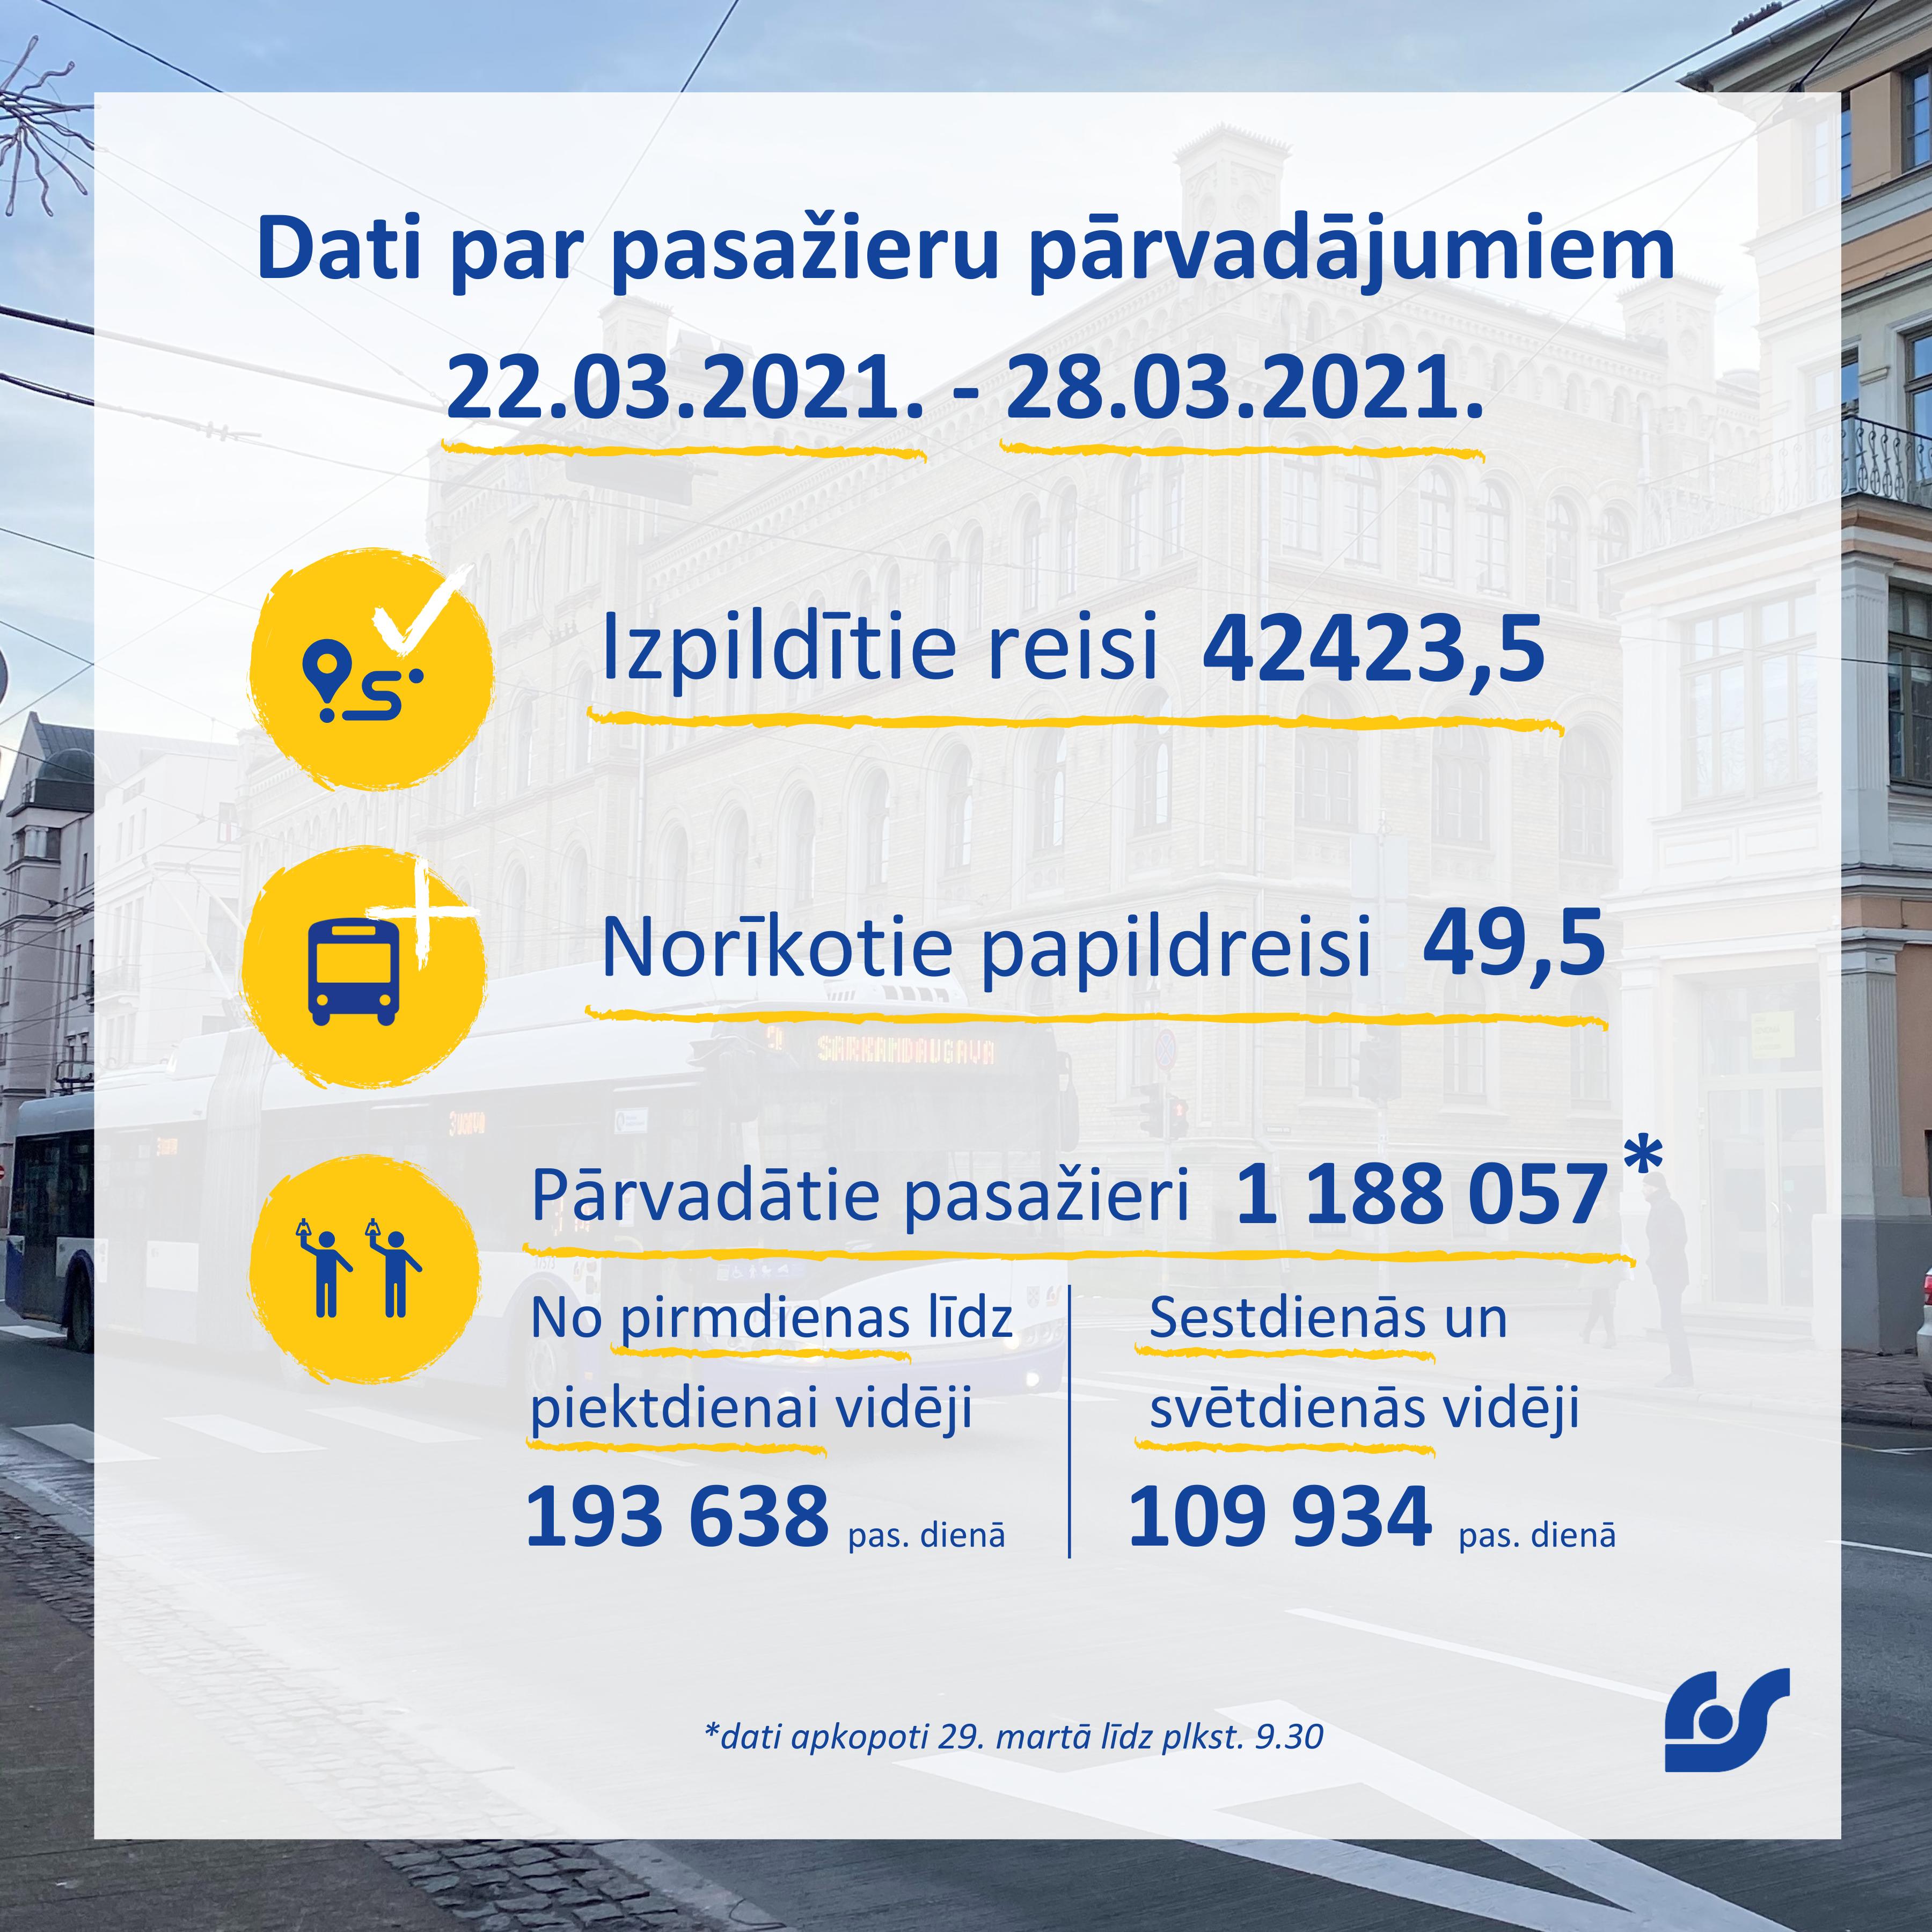 Copy of Copy of Dati par pasažieru pārvadājumiem 01.02.2021. - 07.02.2021. (5).png